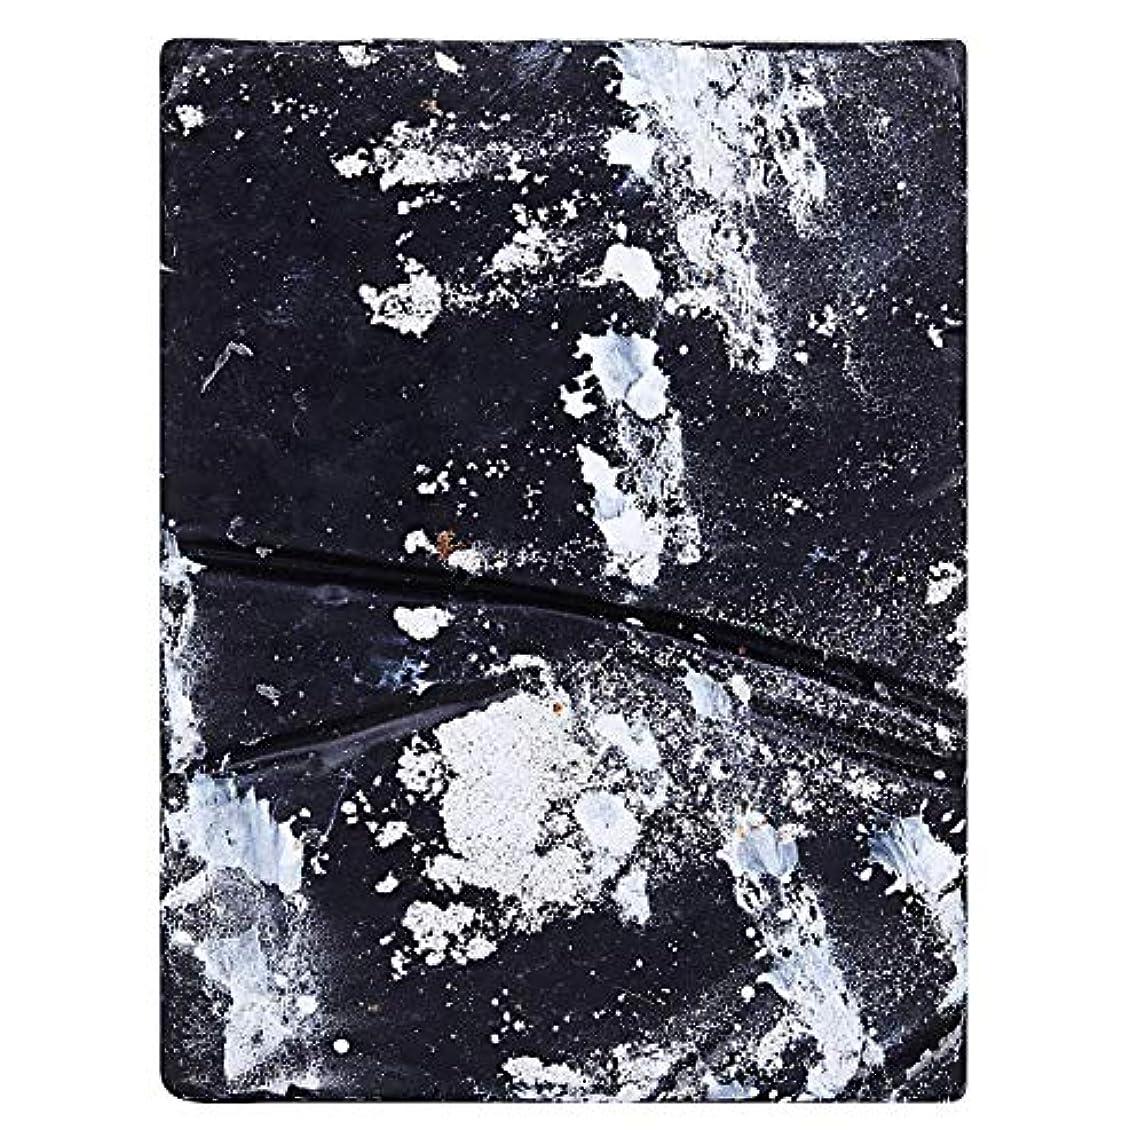 区別換気するしばしばSVATV Handmade Luxury Butter Soap Charcoal Musk & Rosemary For All Skin types 100g Bar